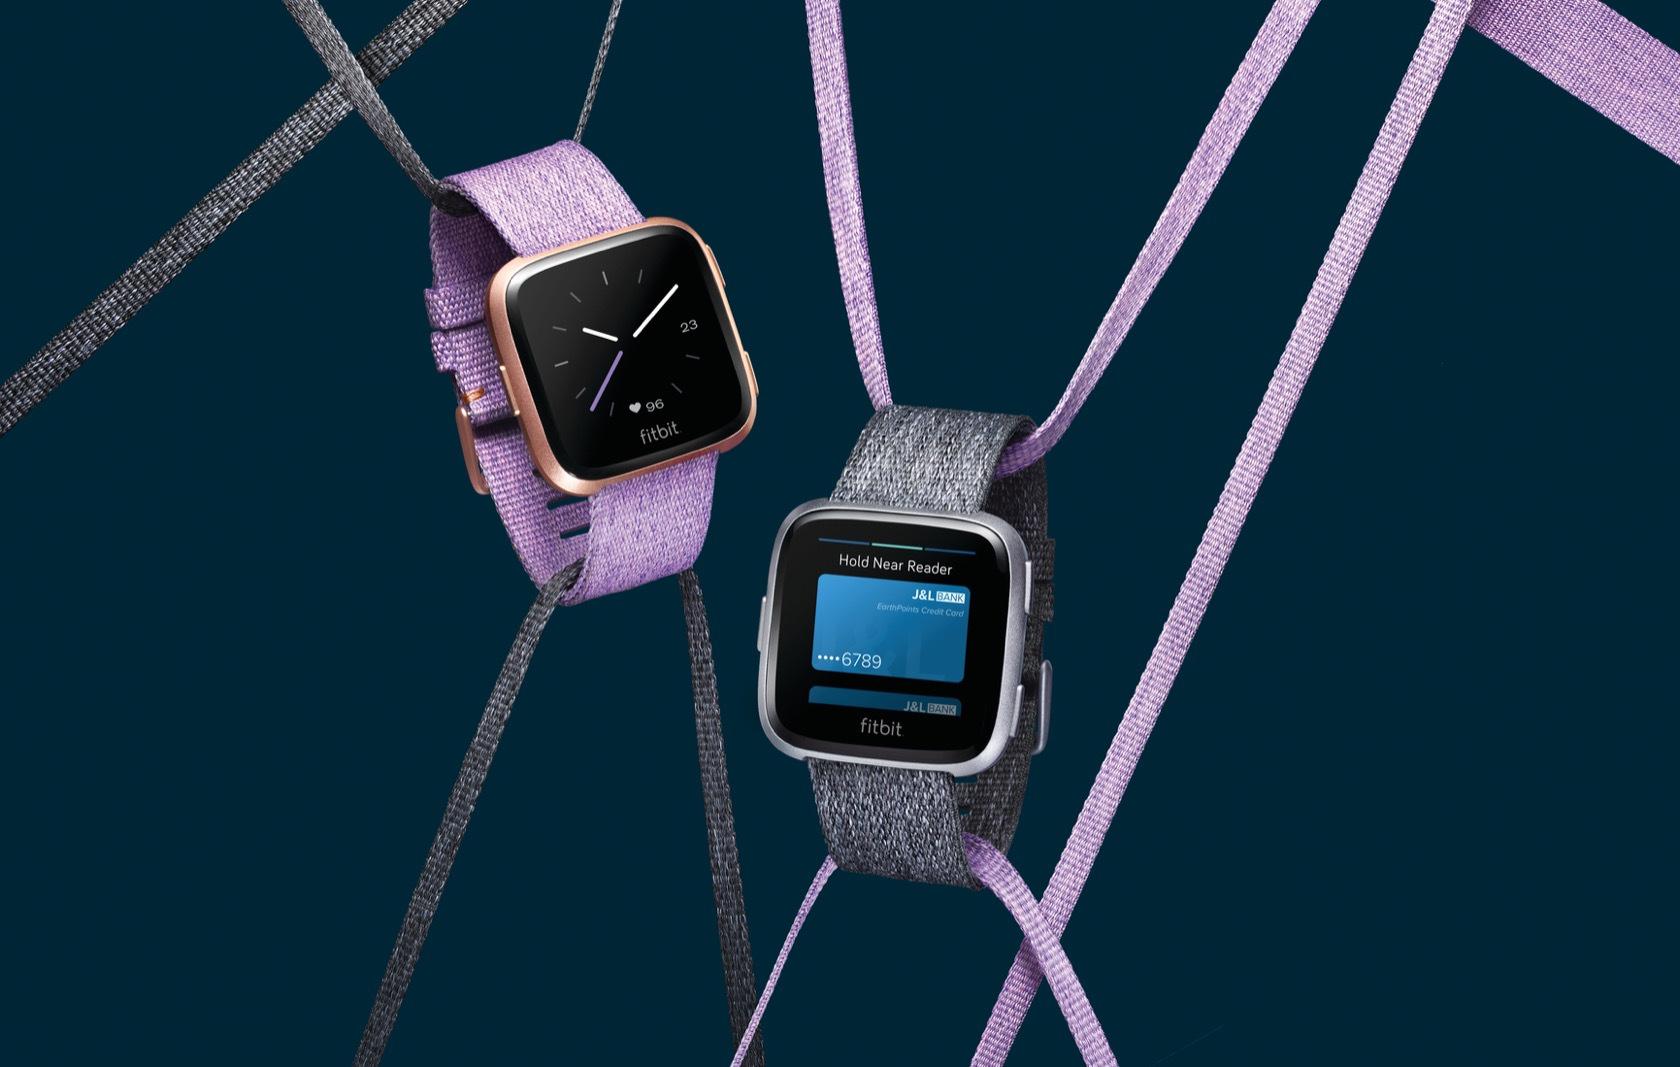 吹响反攻可穿戴设备市场的号角:新一代 Fitbit 智能手表发布